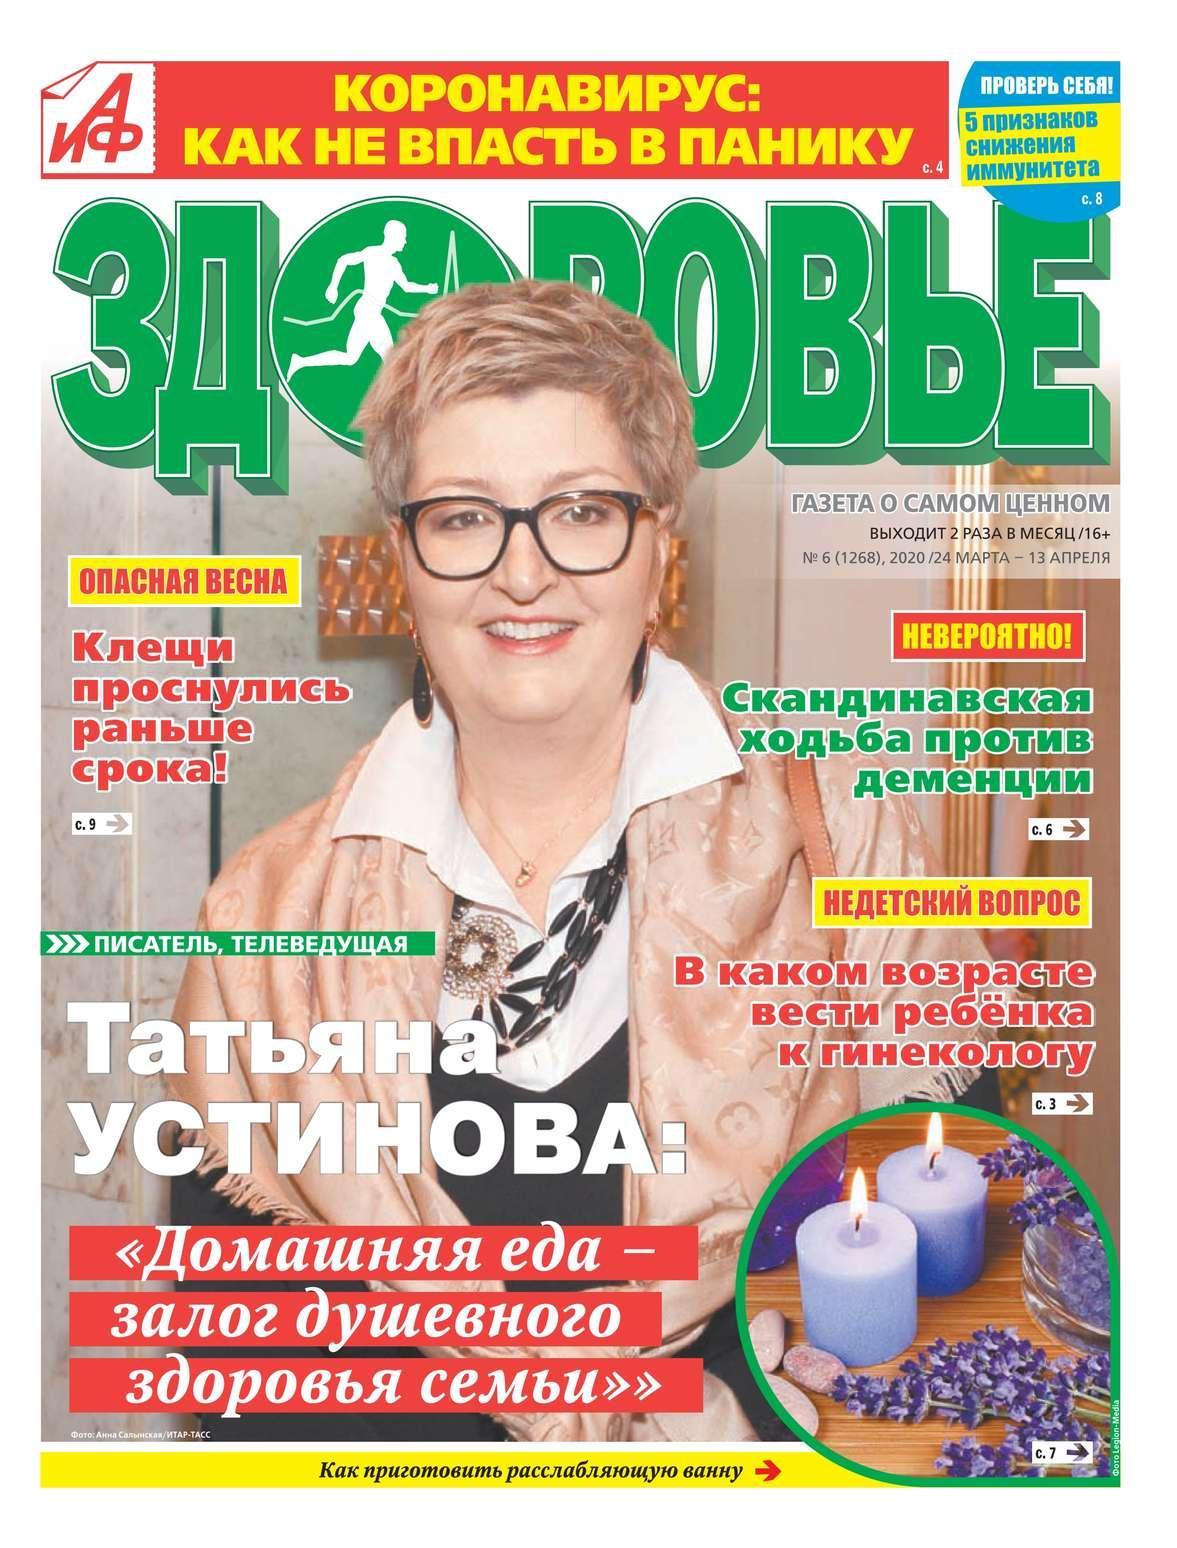 Редакция газеты Аиф. Здоровье / Аиф. Здоровье 06-2020